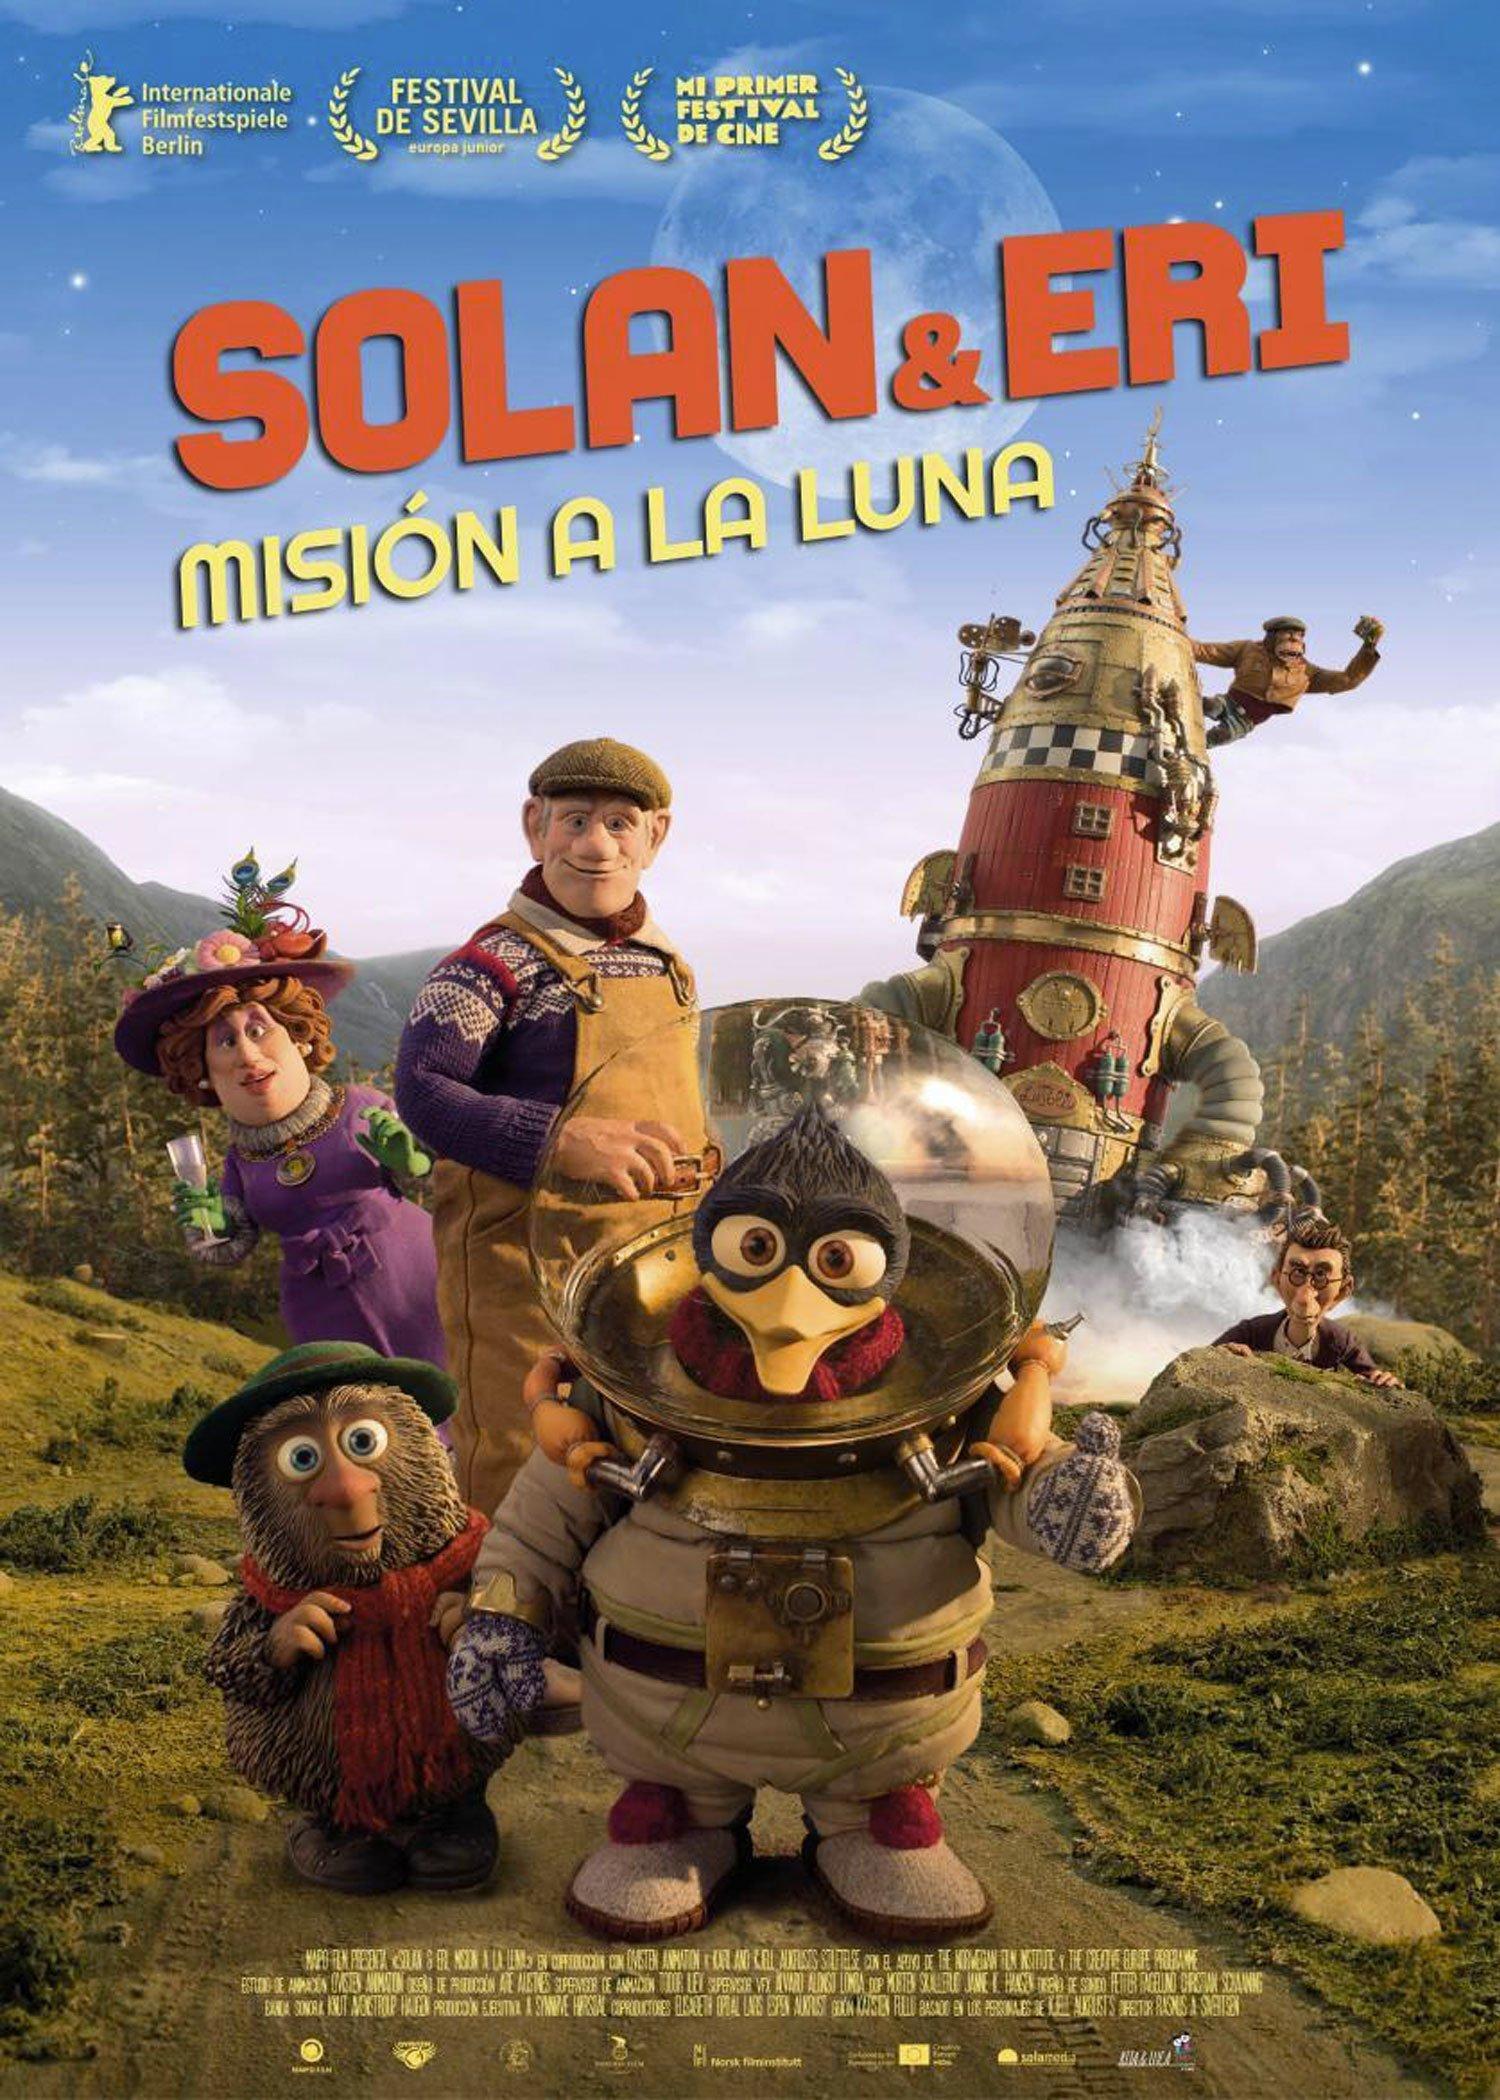 Solan&Eri: Misión a la luna